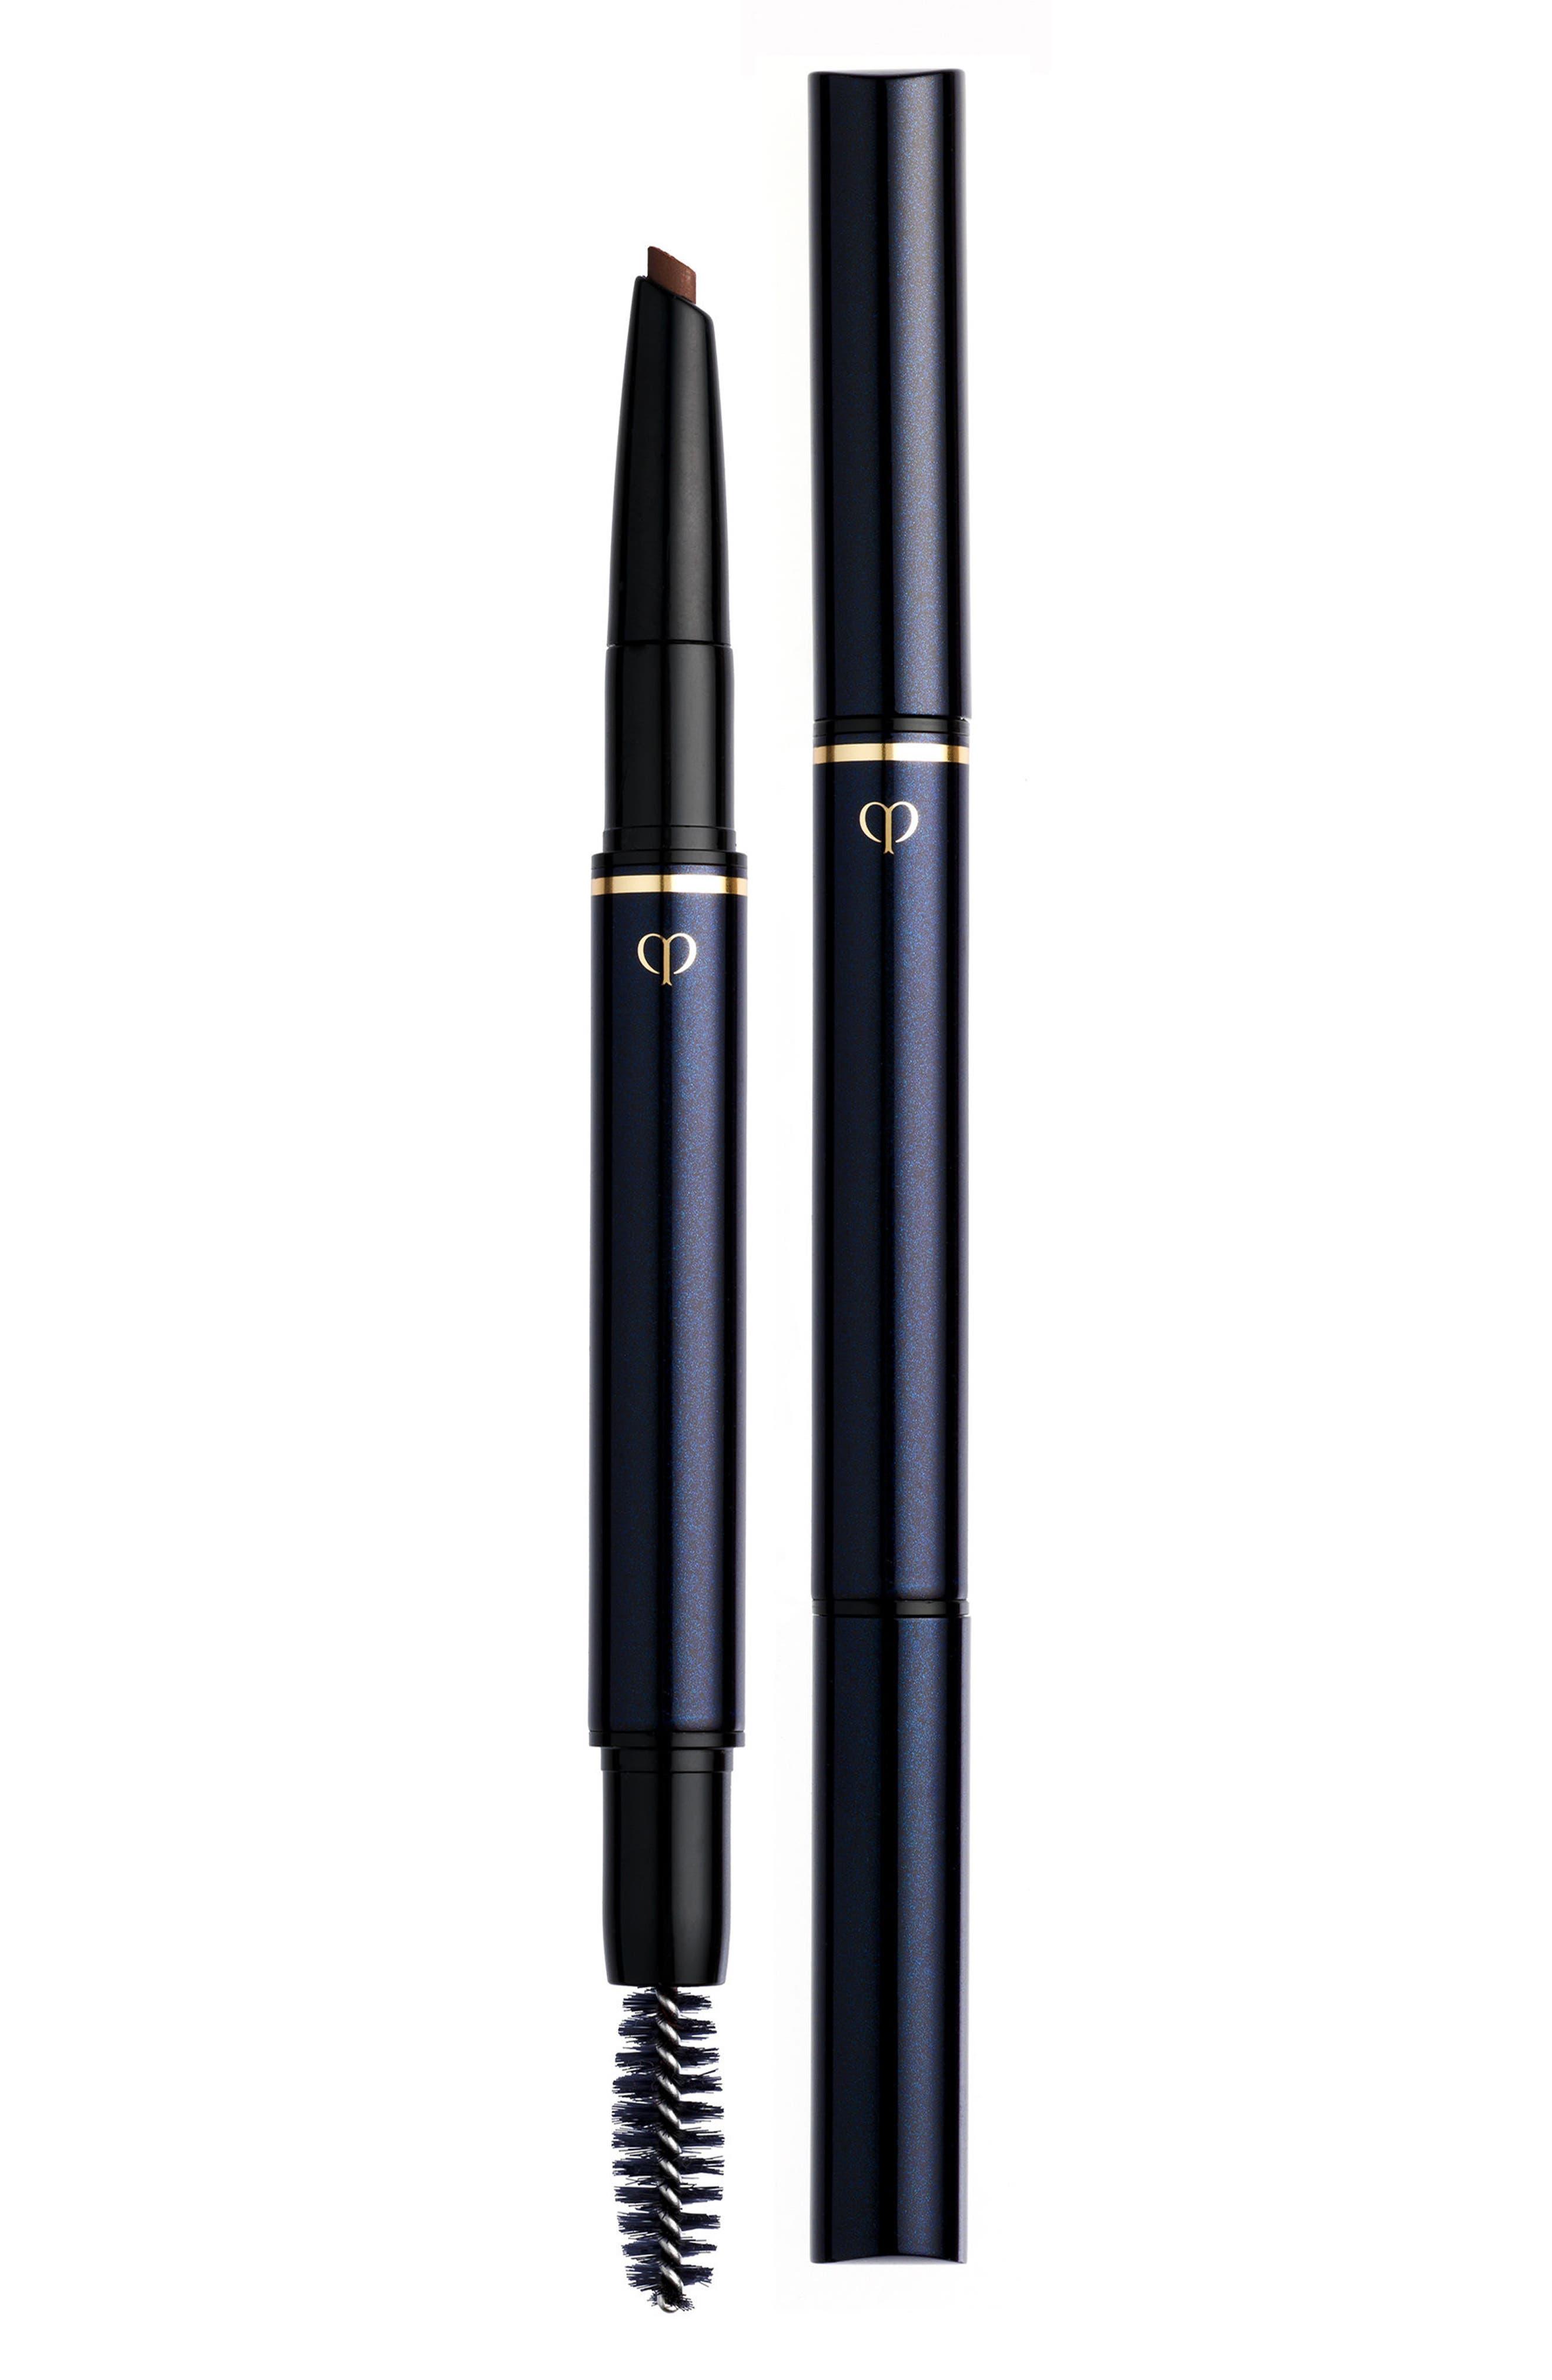 Clé de Peau Beauté Eyebrow Pencil Cartridge